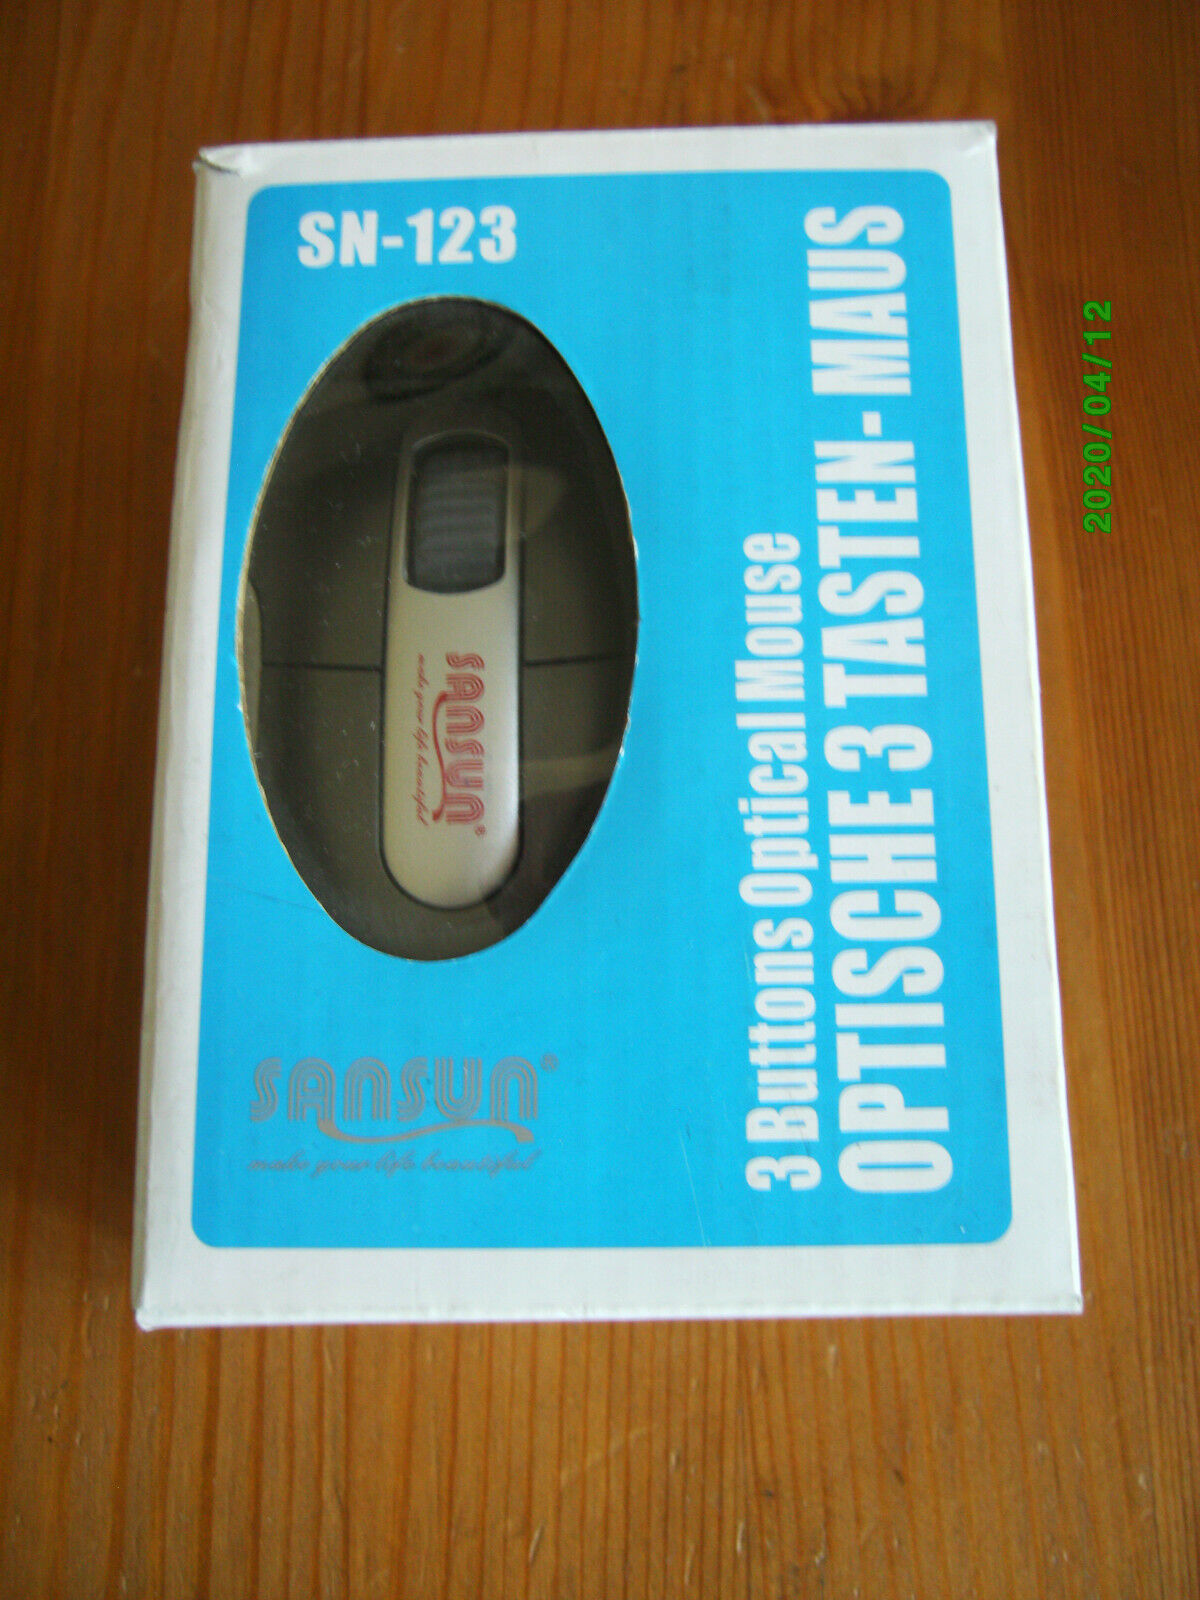 SANSUN Optische 3-Tasten-Maus SN-123 PS/2 USB neu